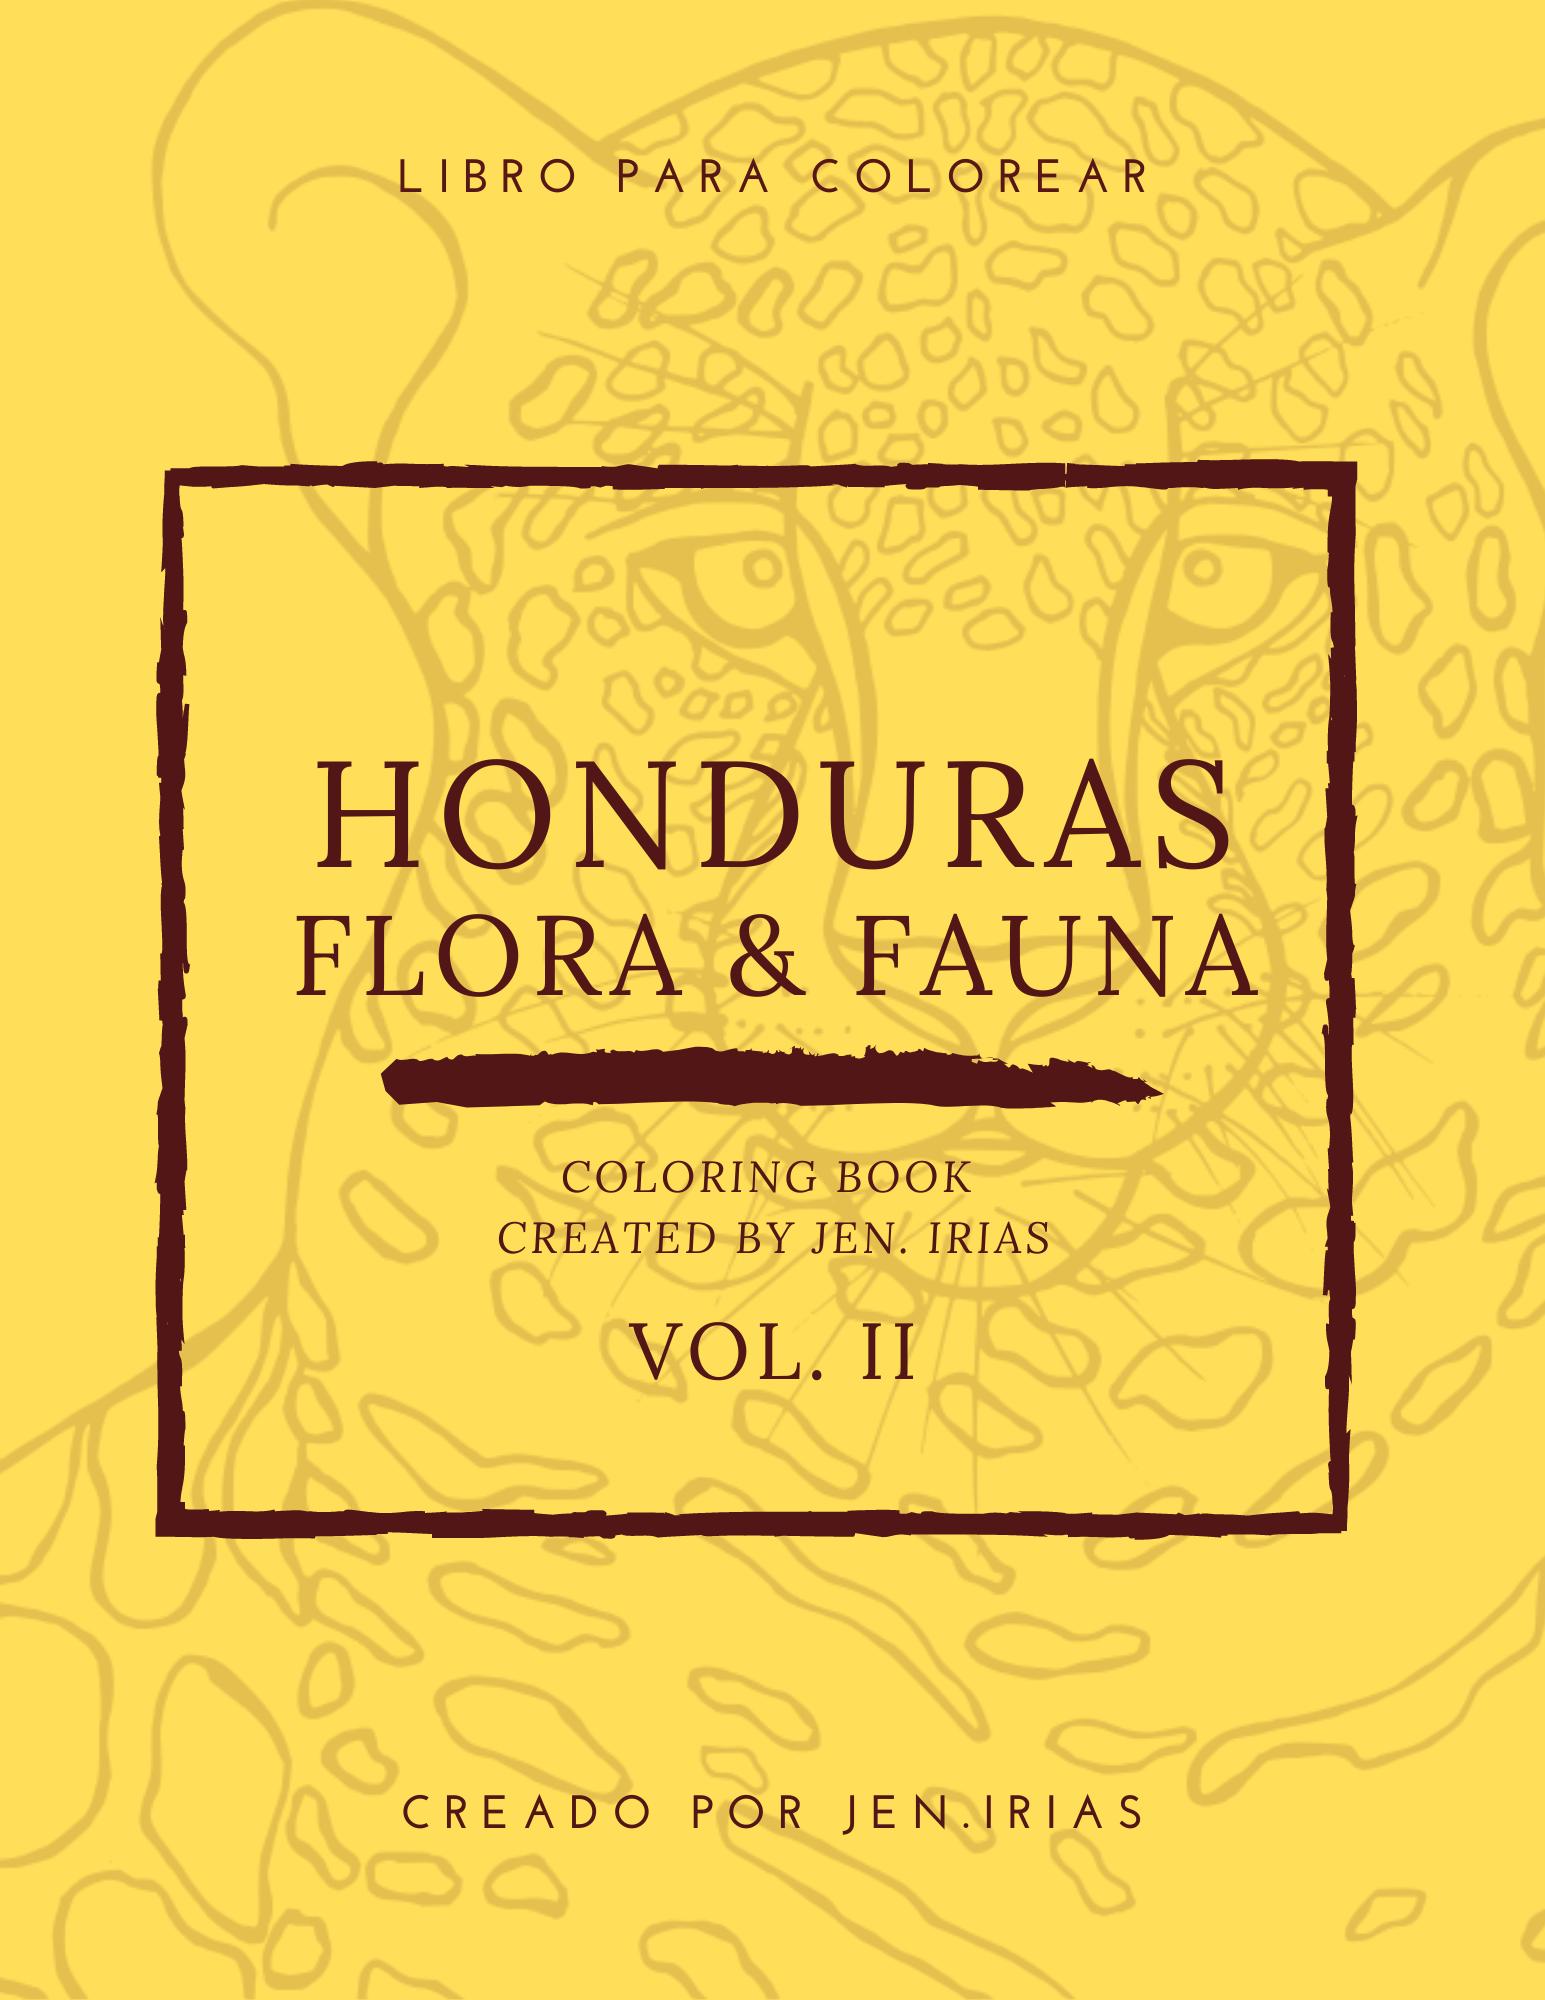 HONDURAS FLORA & FAUNA VOL.2 JEN.IRIAS